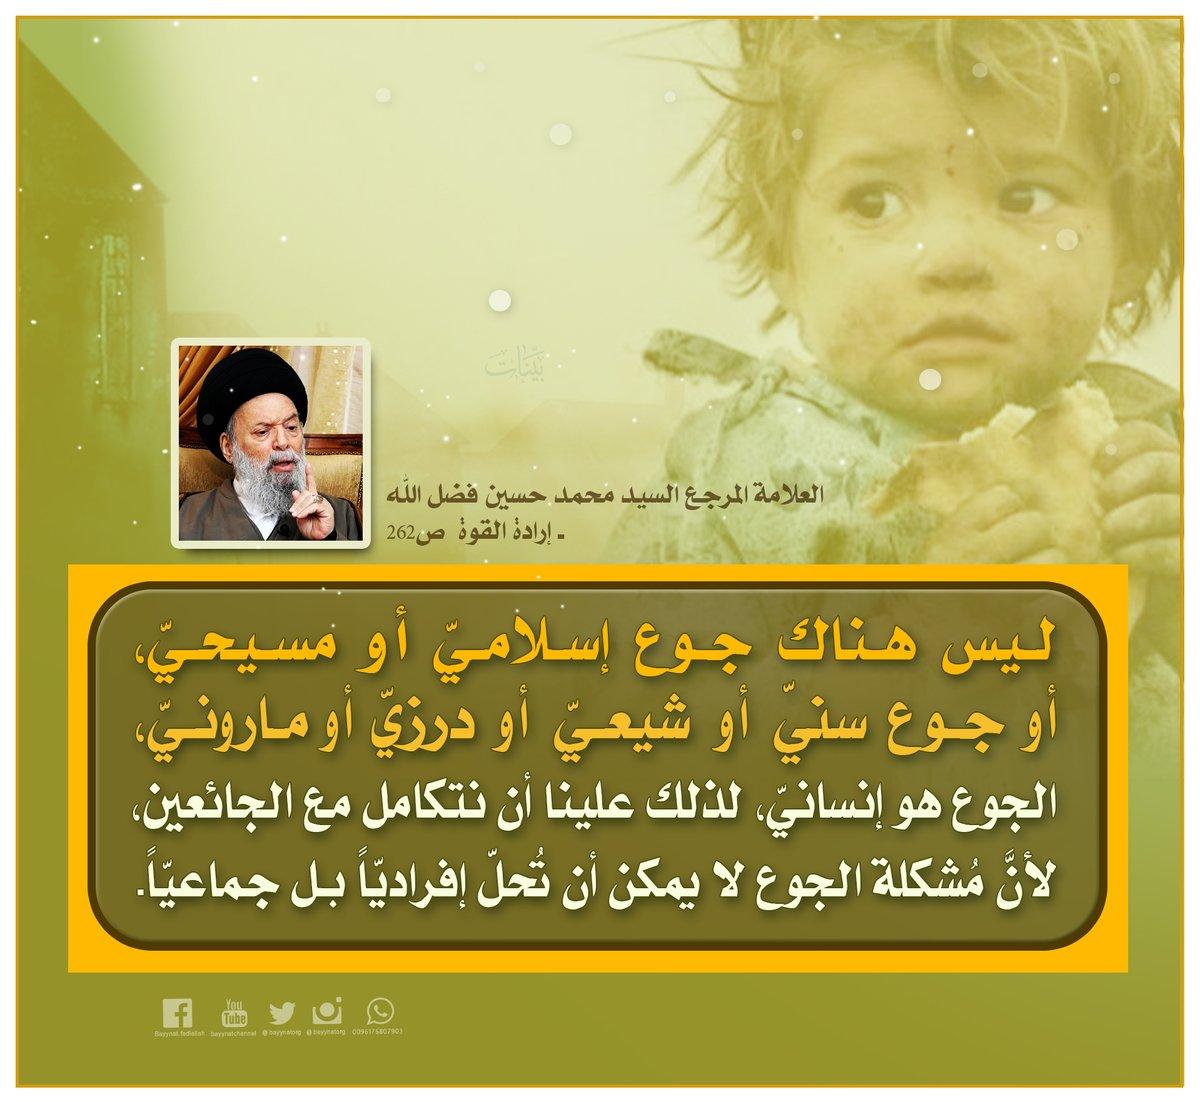 فليس هناك جوع #إسلامي أو #مسيحي، ليس هناك جوع #سني أو #شيعي أو #درزي أو #ماروني #بينات العلامة المرجع #السيد_محمد_حسين_فضل_الله (رض)